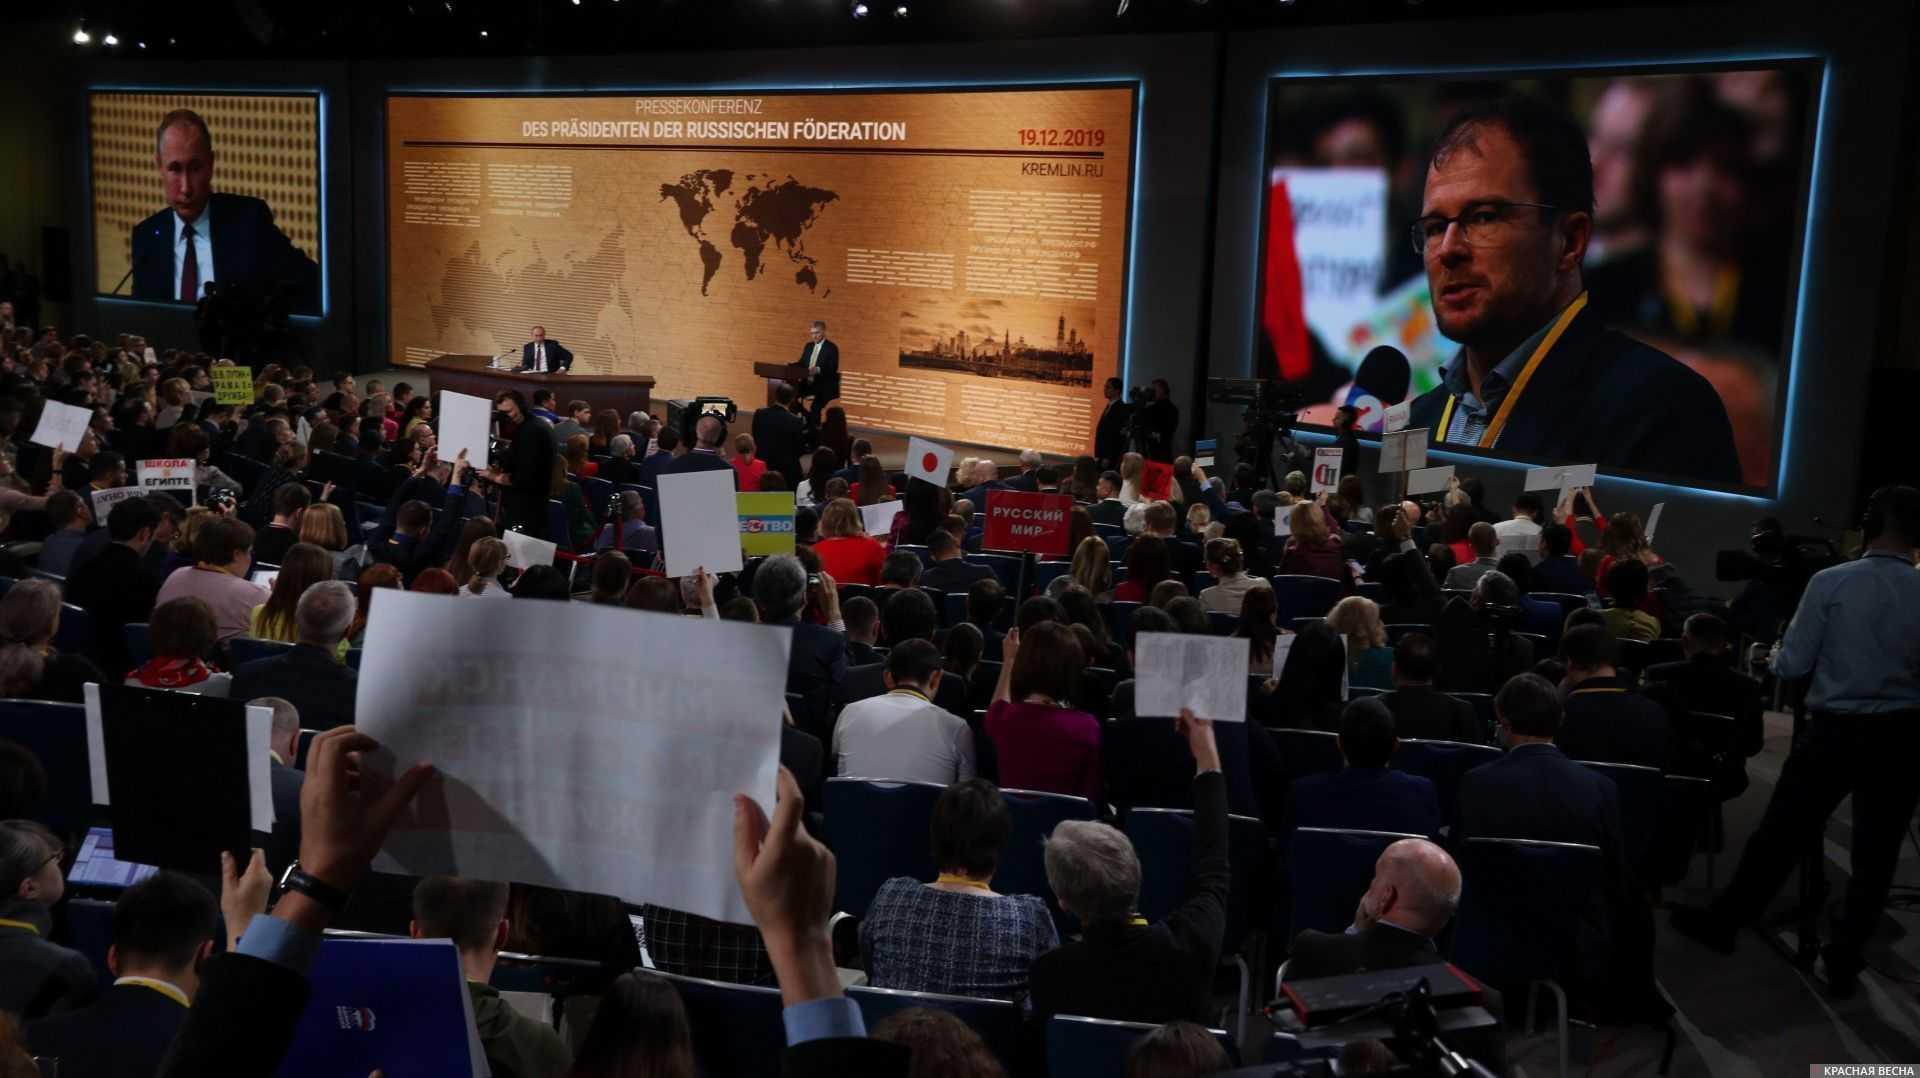 Пресс-конференция. 2019 год